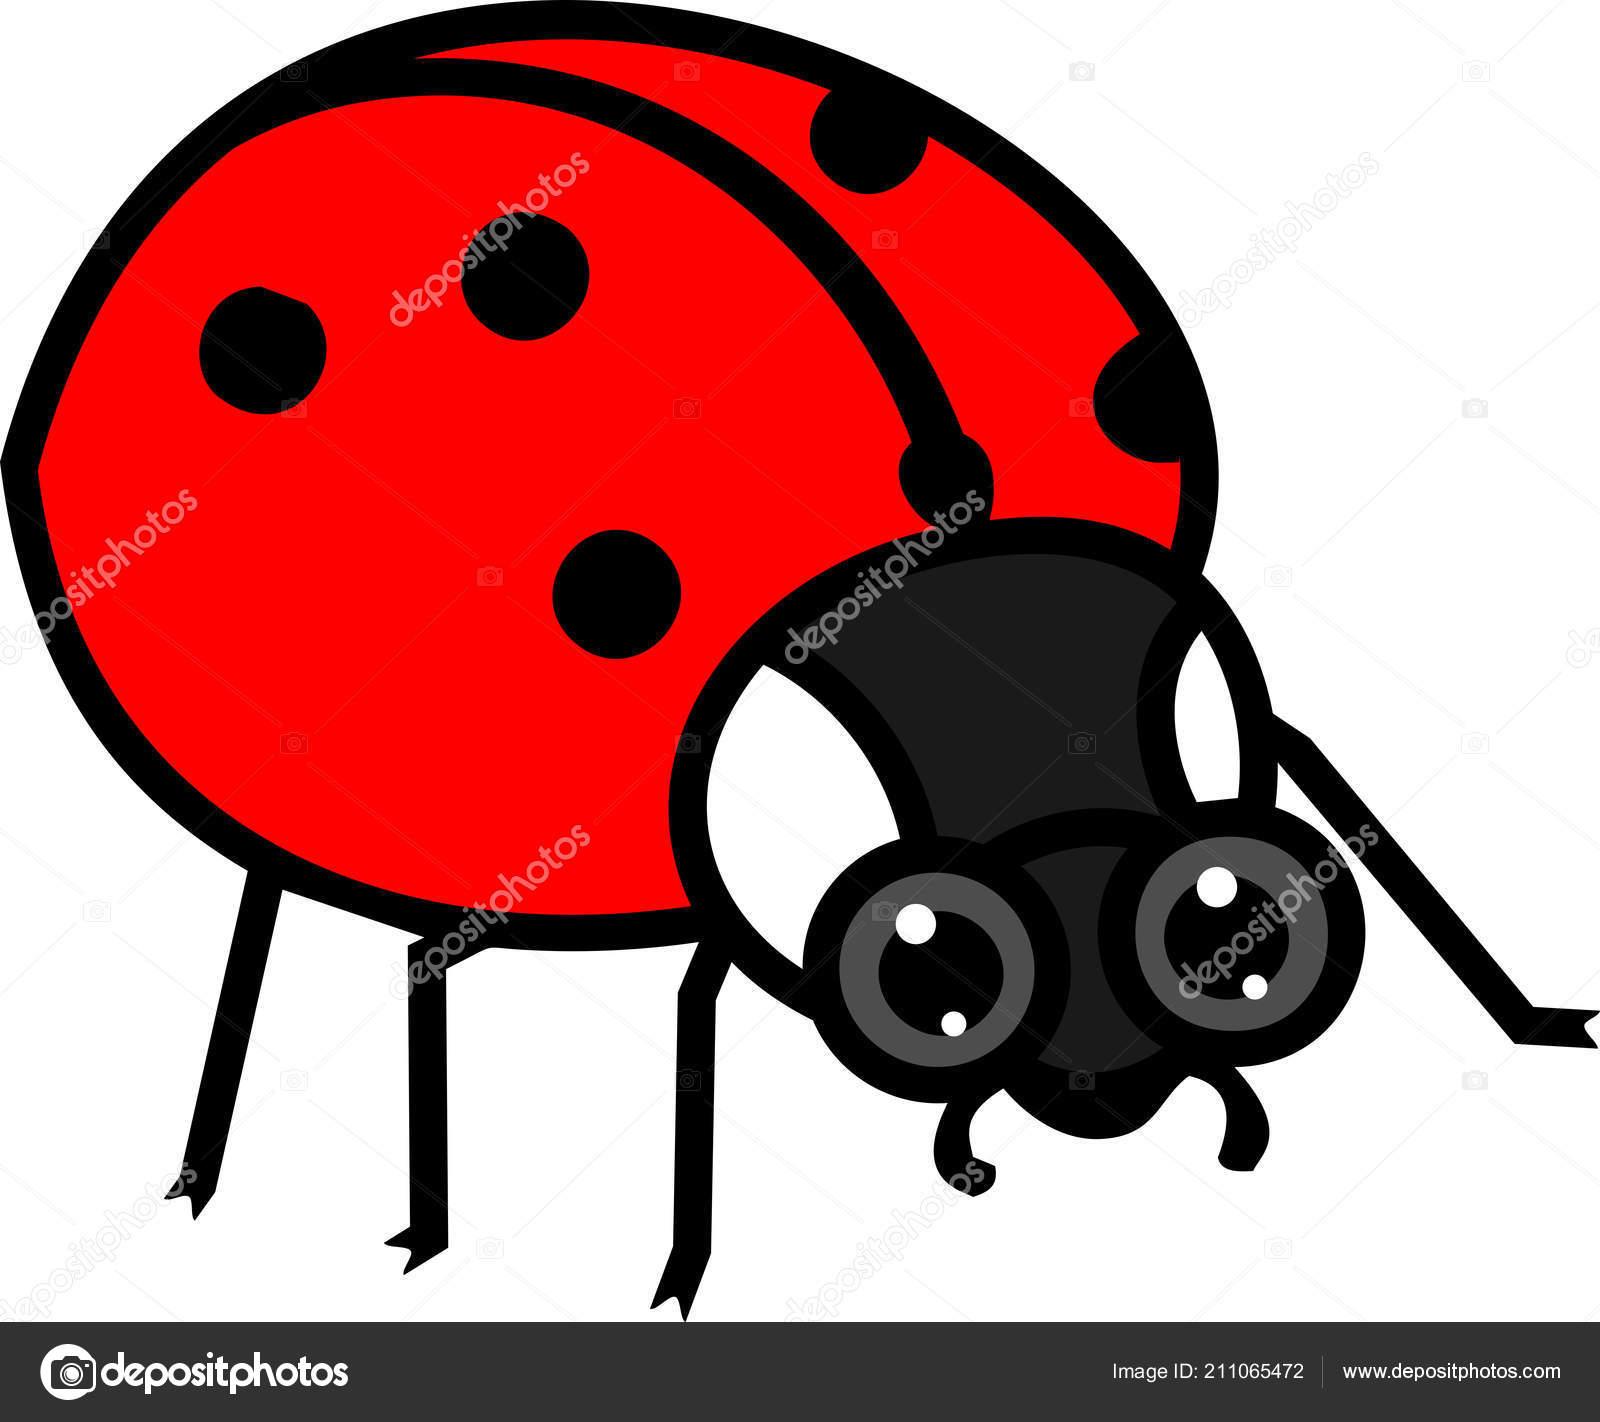 Stylizovane Kreslene Cervena Beruska Bilem Pozadi Stock Vektor